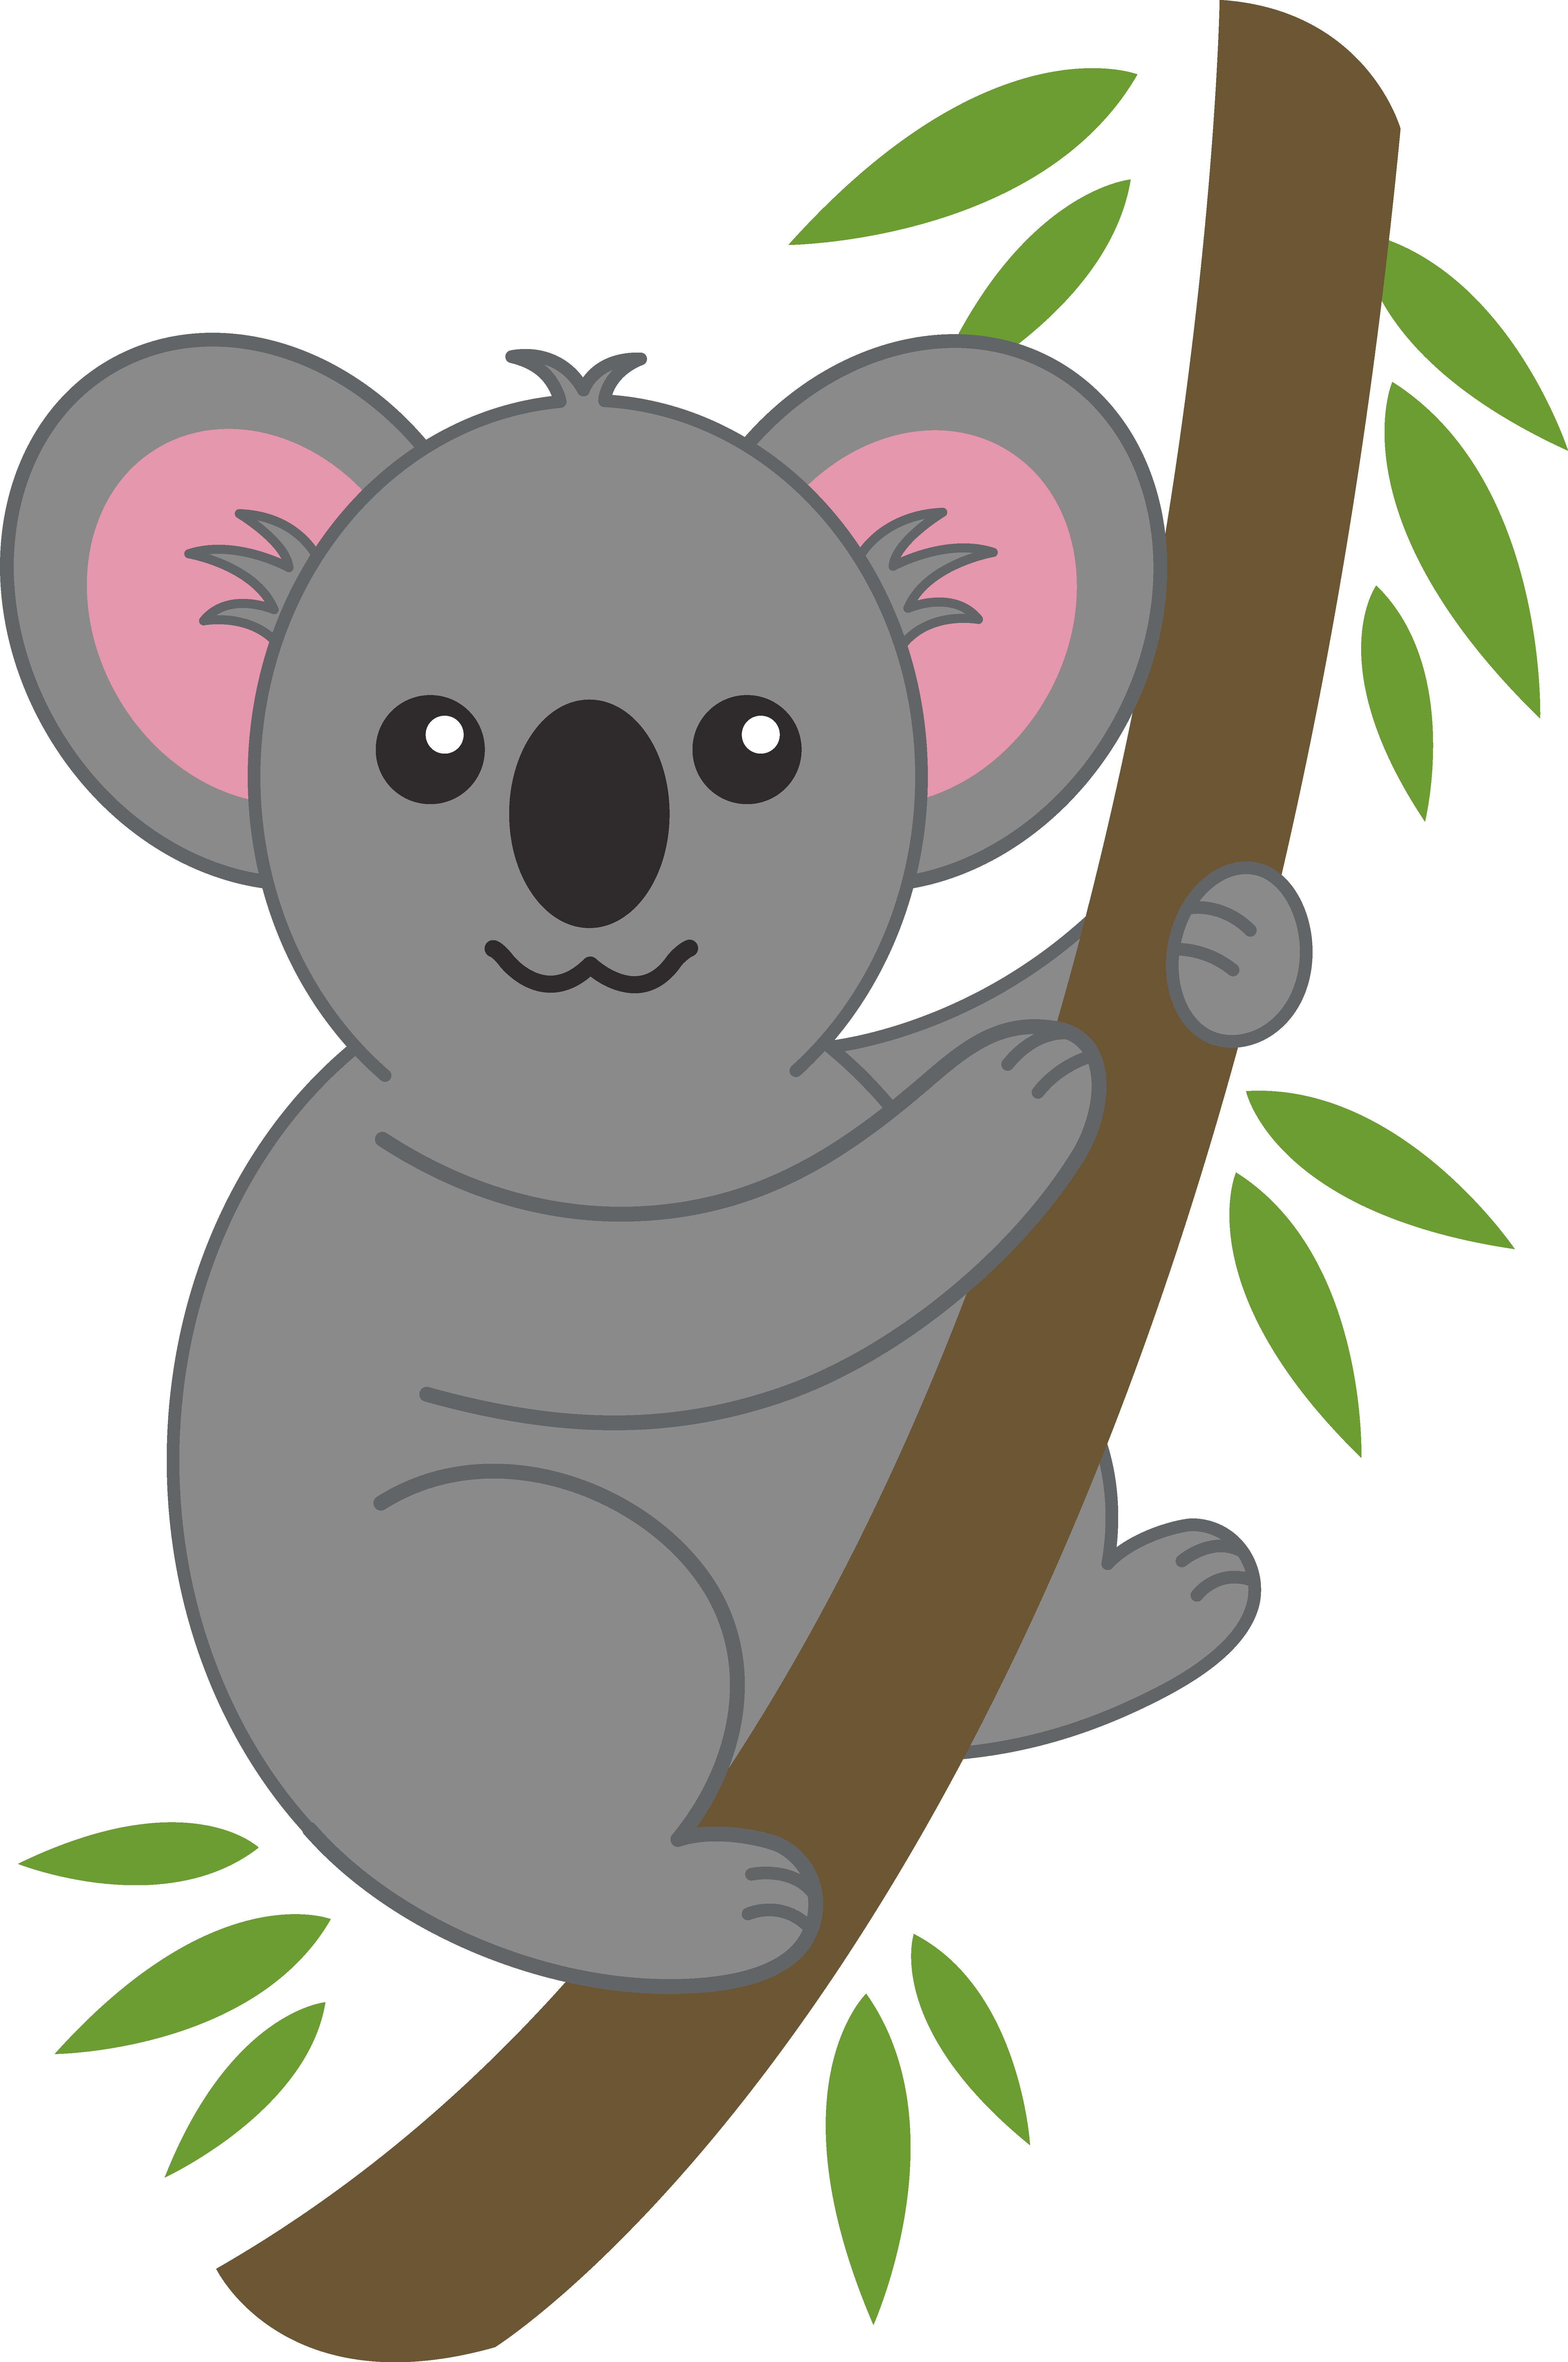 koala bear clip art | Cute Koala on Tree Branch - Free Clip Art ..